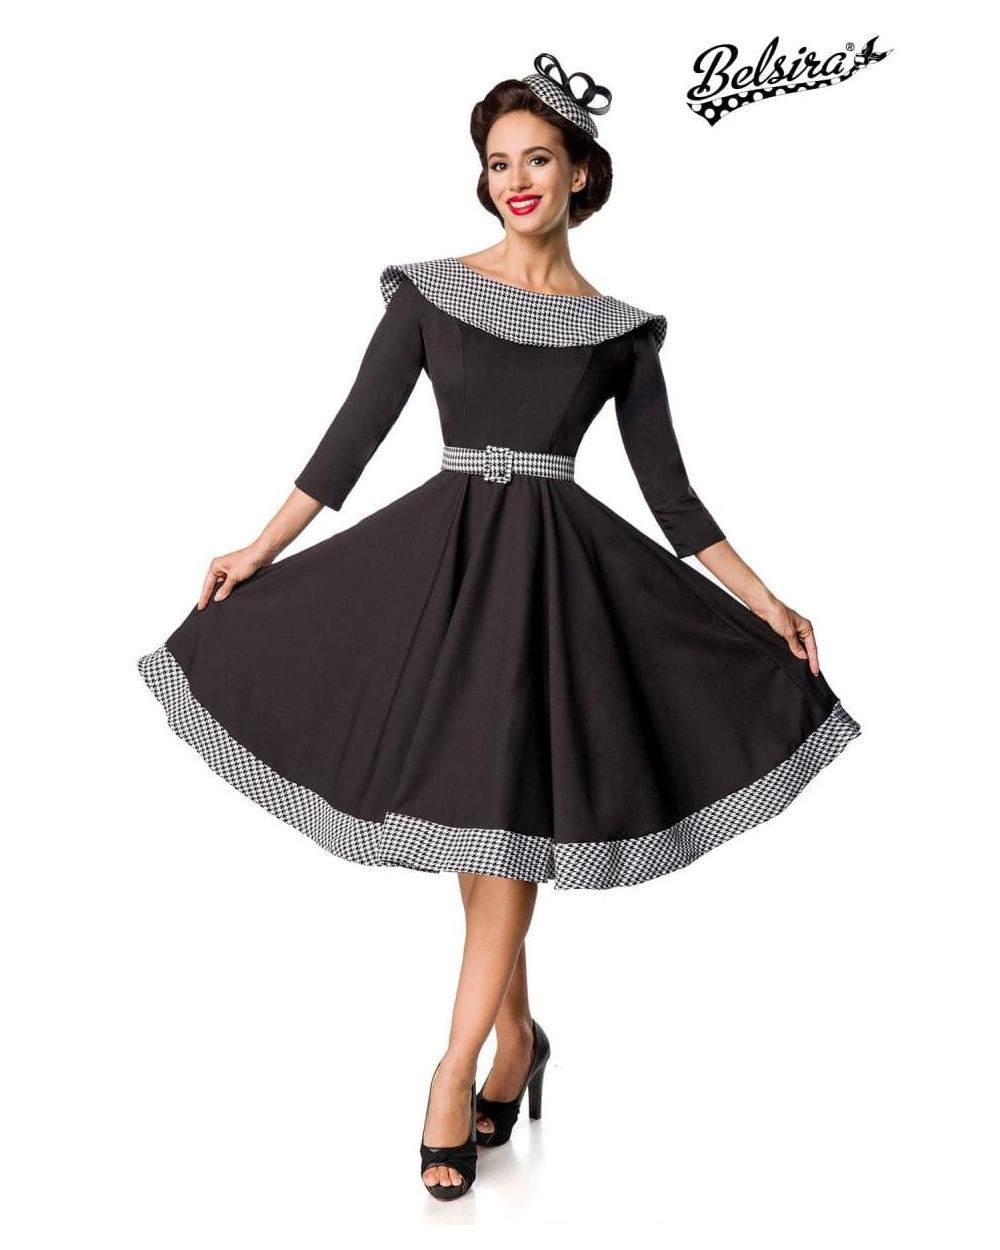 Premium Vintage langarm Swing-Kleid schwarz weiß von Belsira S bis 13XL